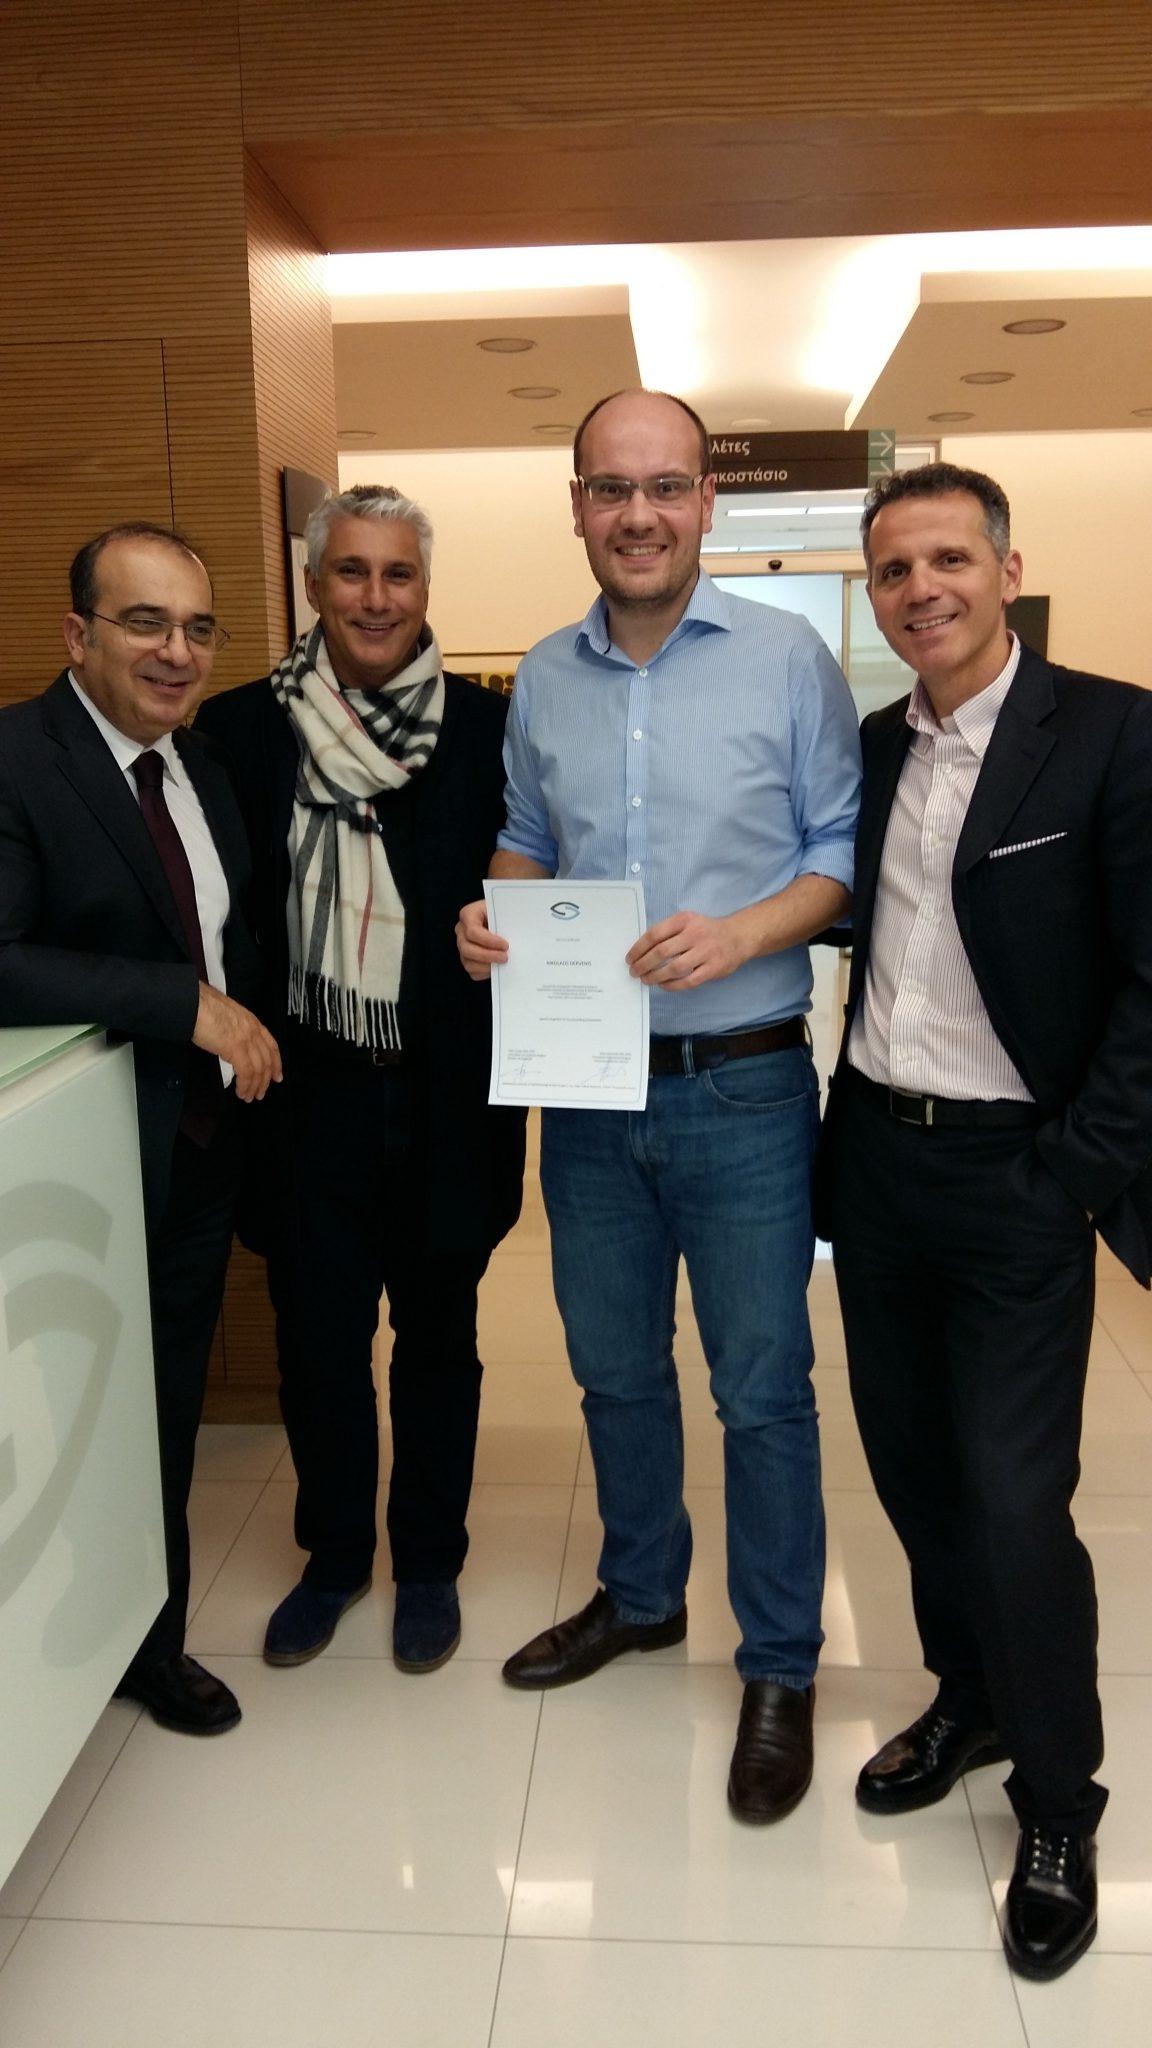 dervenis fellowship certificate1